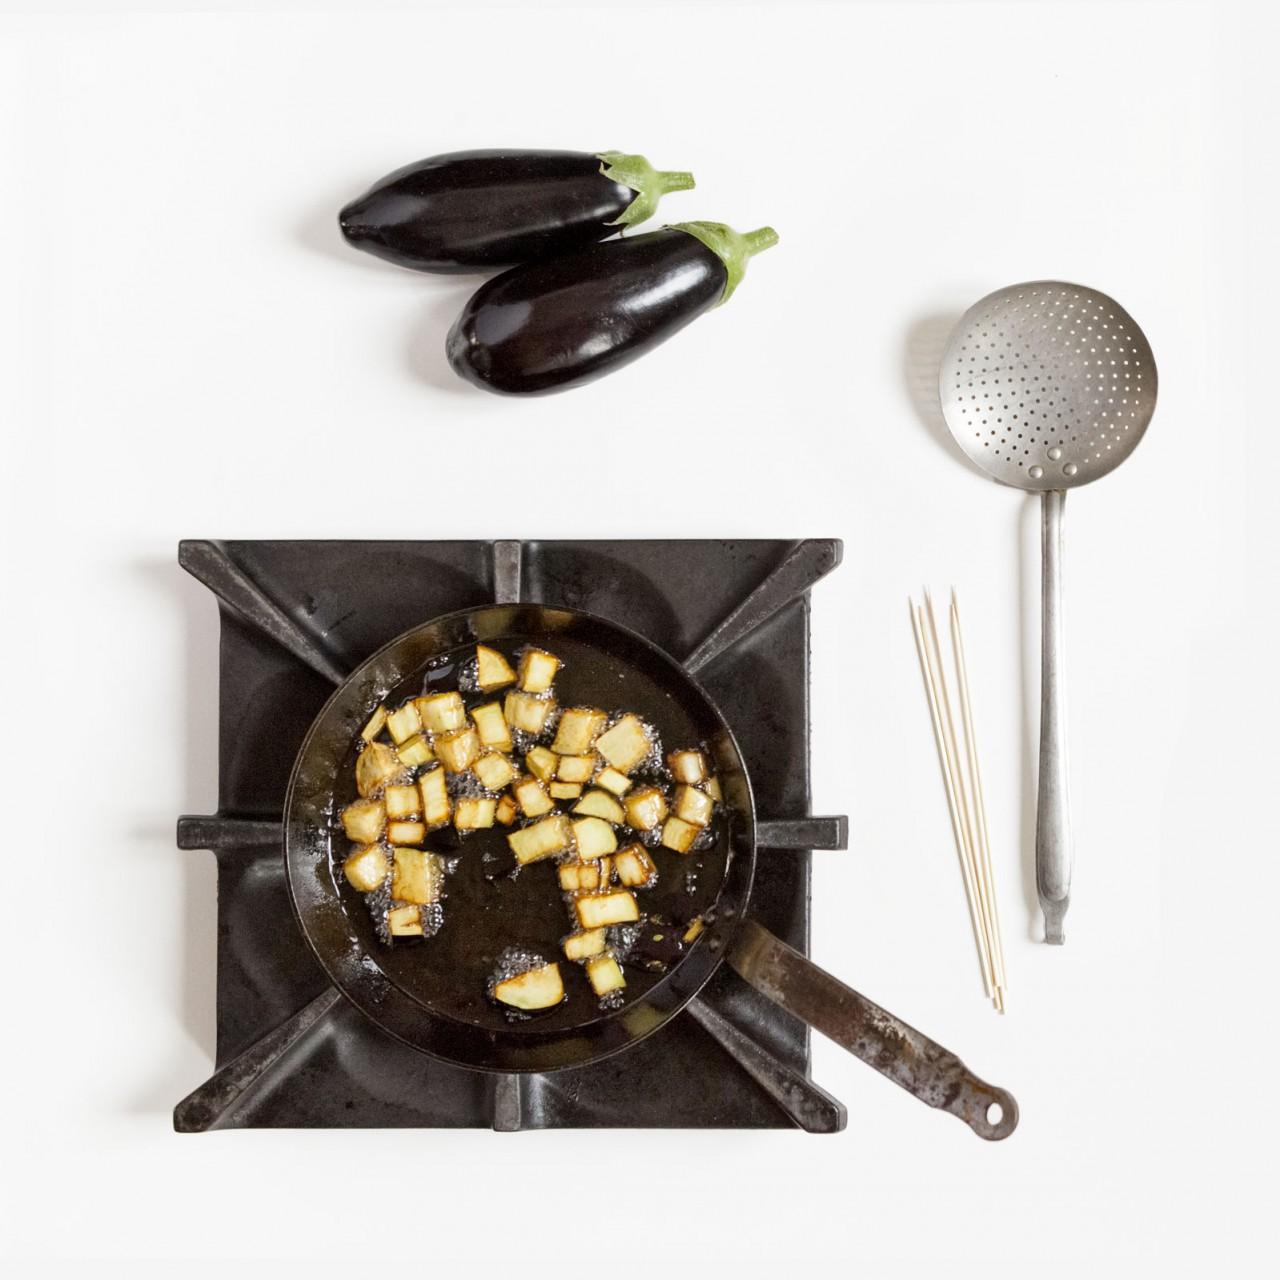 pasta-alla-norma-2 in padella di ferro